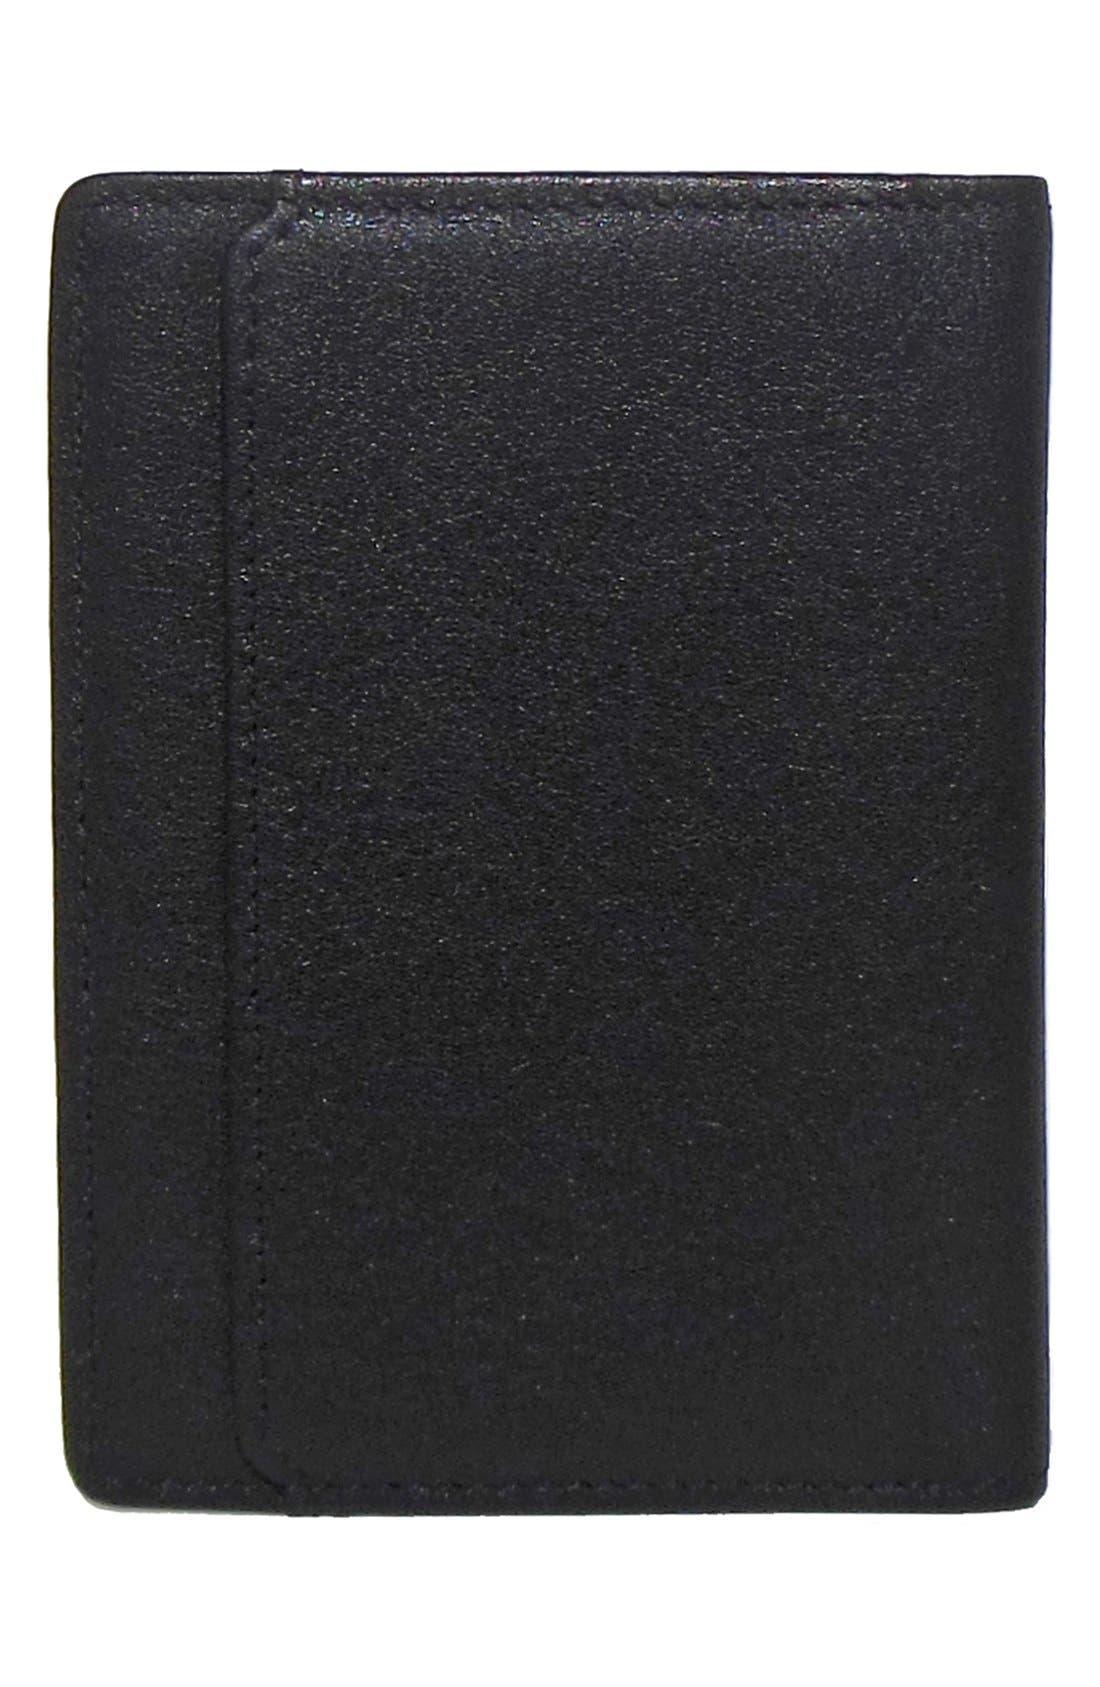 Alternate Image 3  - Boconi 'George' RFID Blocker Slim Leather Card Case